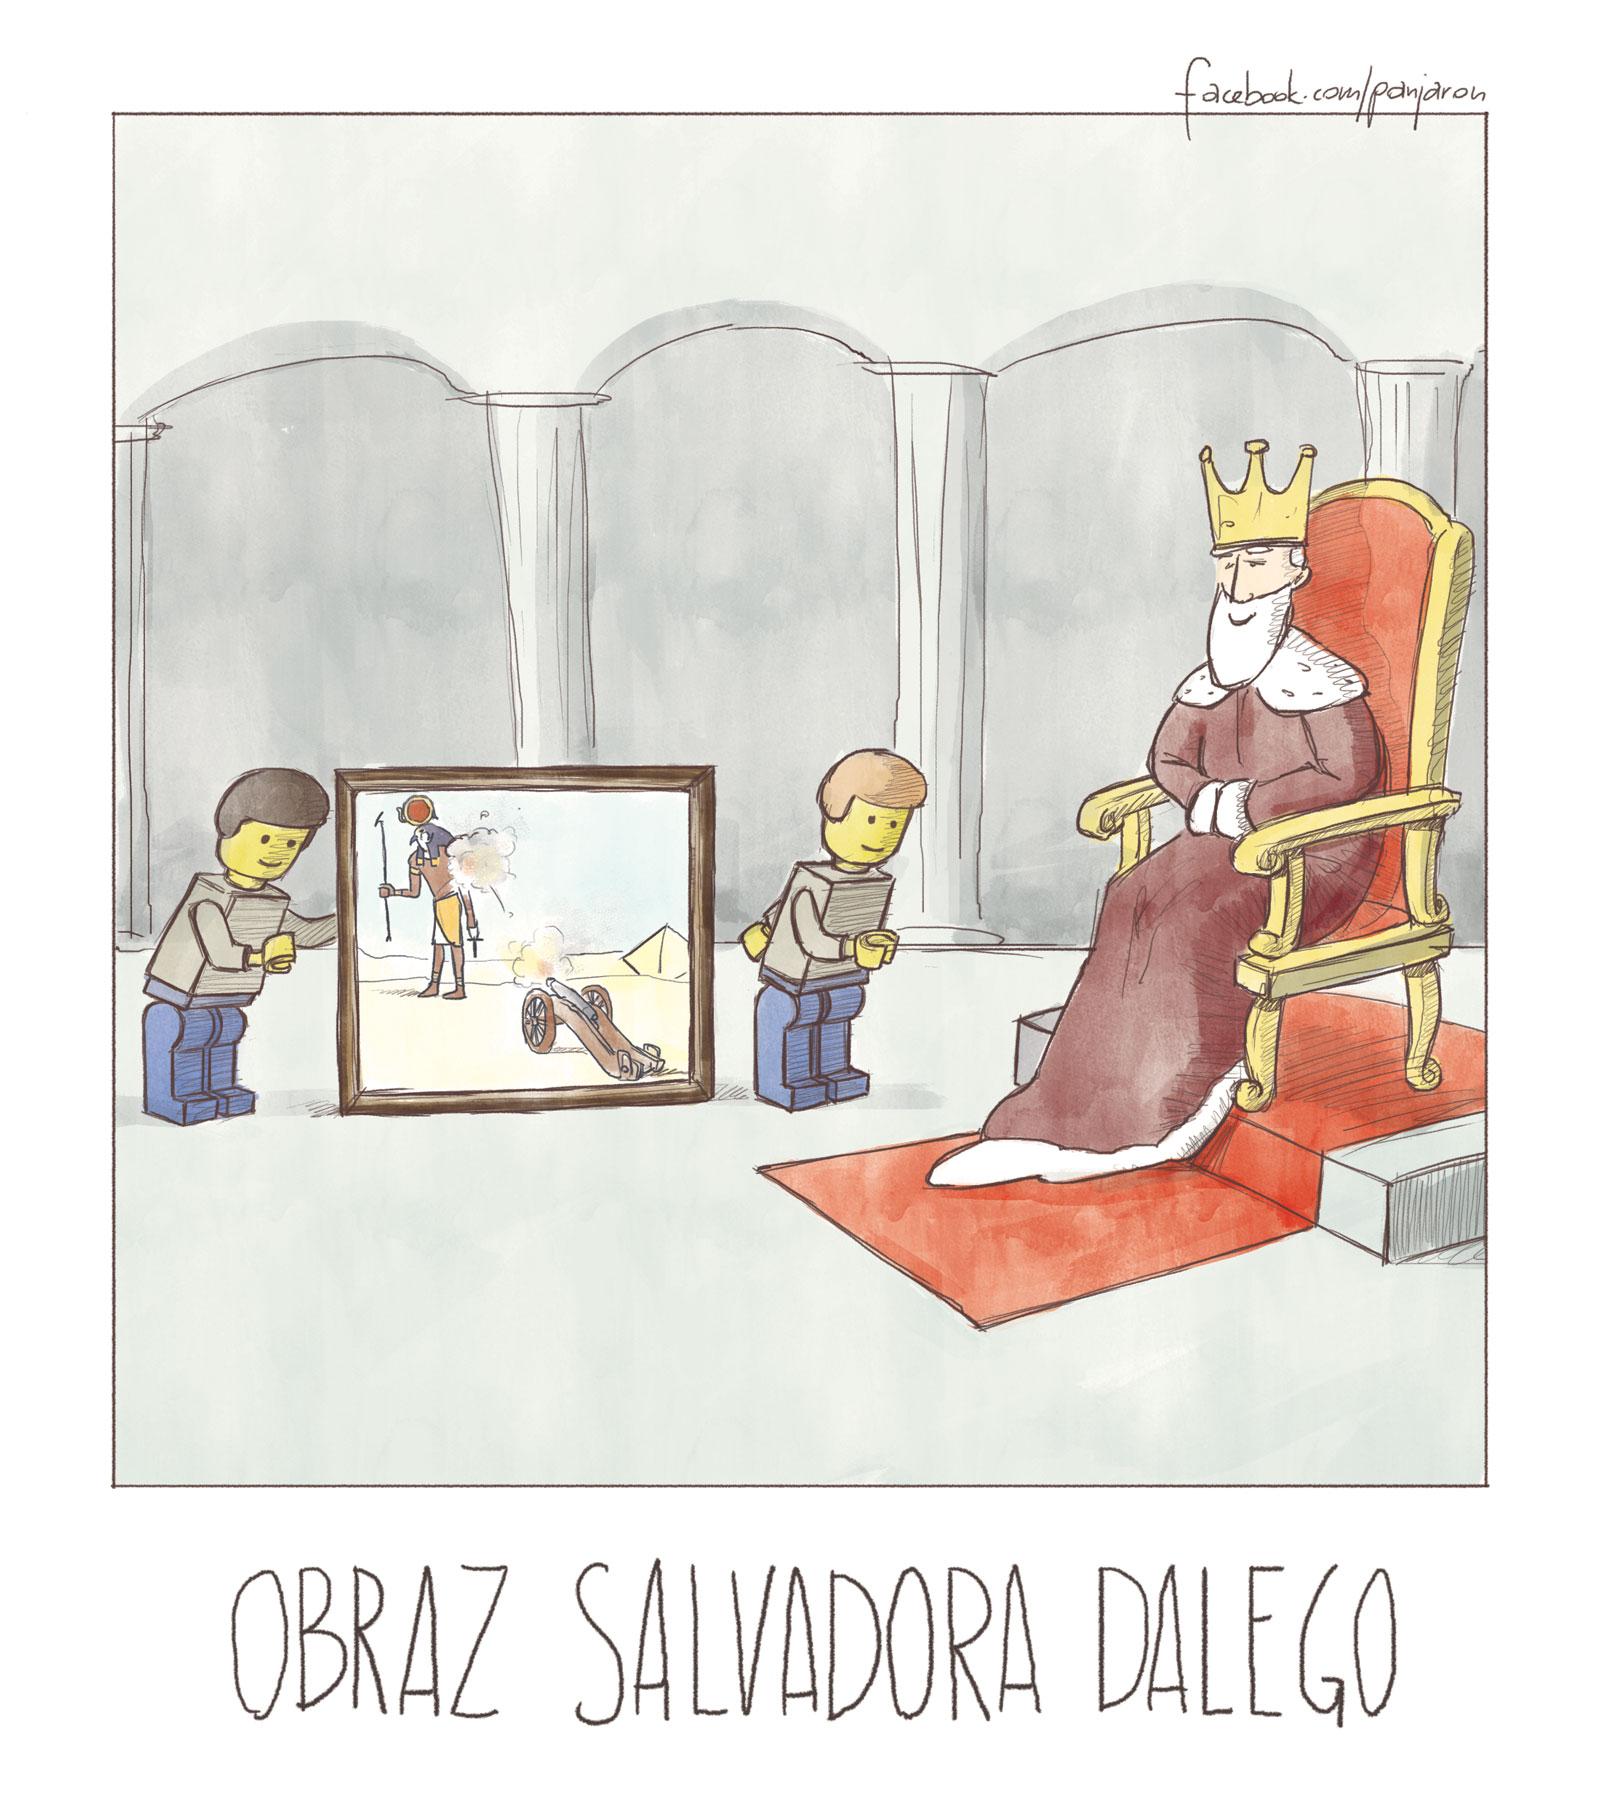 Jaroński rysownik - obraz Salvadora Dalego